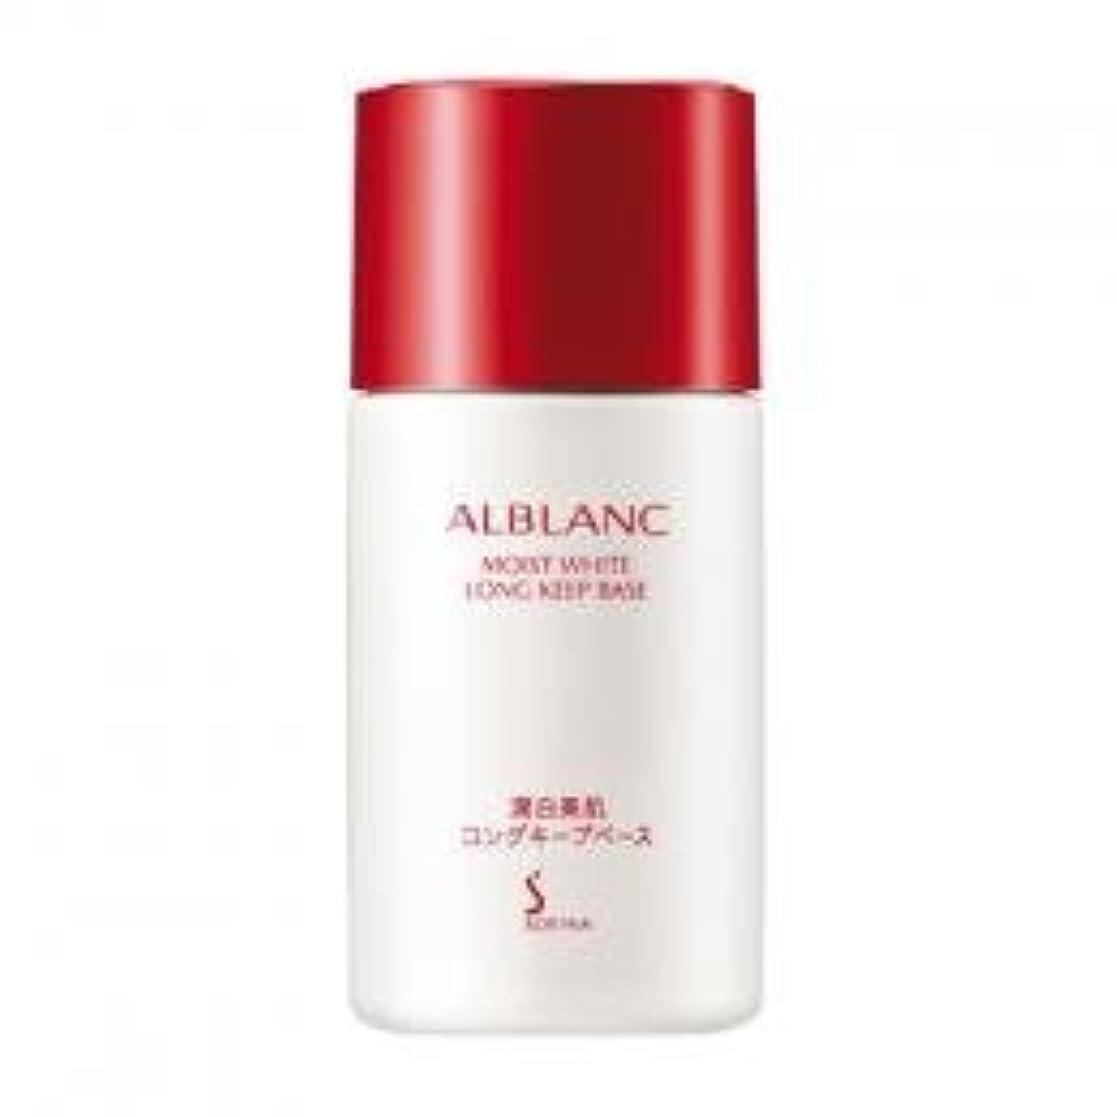 抵抗力があるリードジャンルアルブラン 潤白美肌 ロングキープベース 25ml